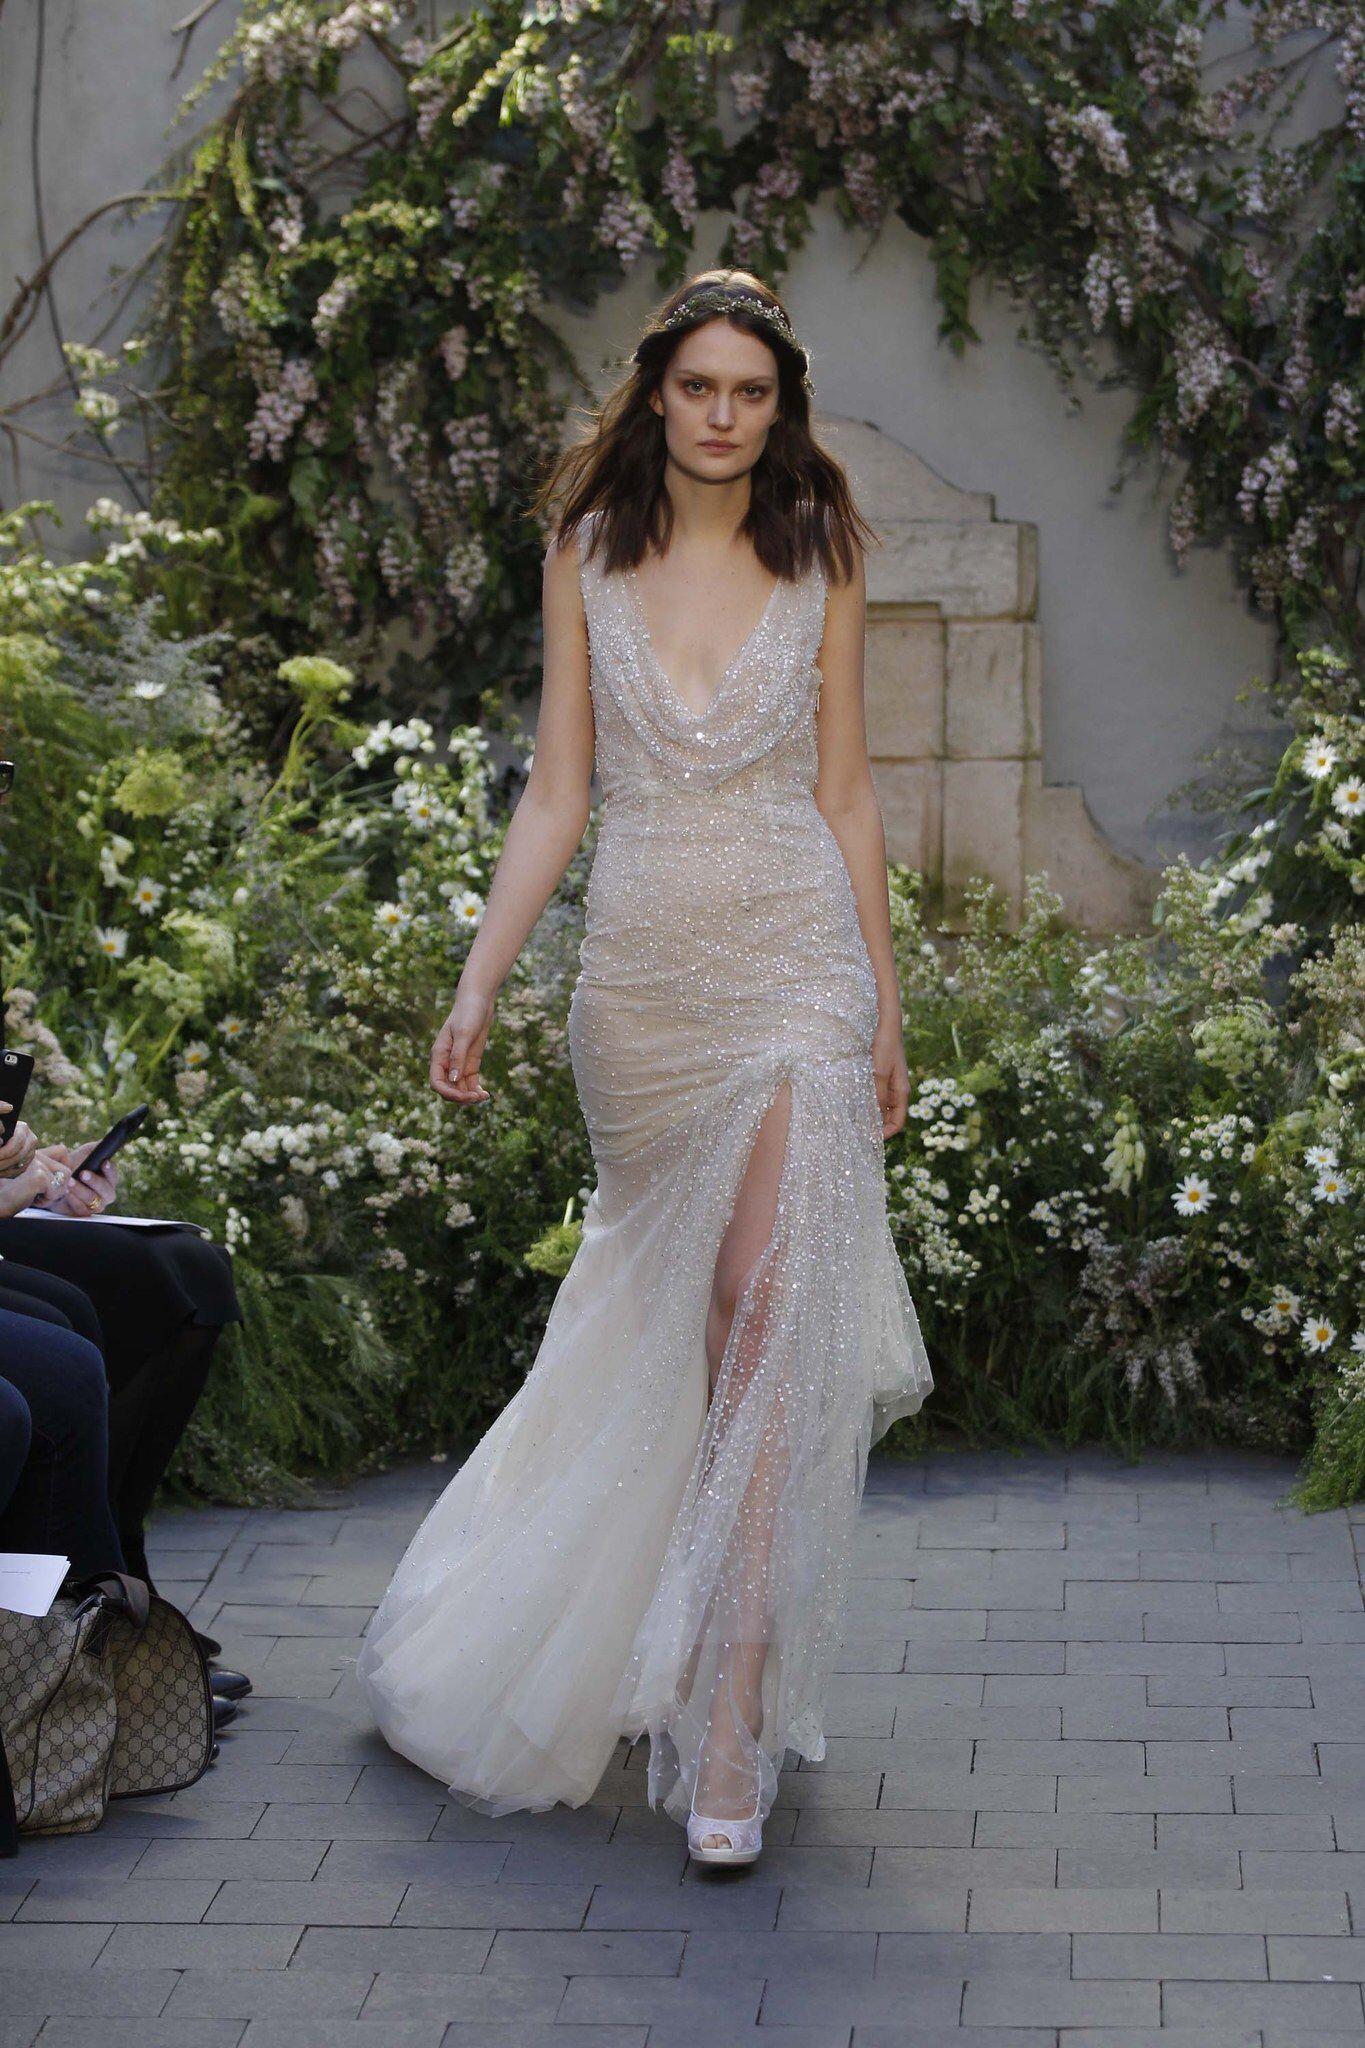 Monique Lhuillier Bridal Spring 2017 Fashion Show   Monique ...